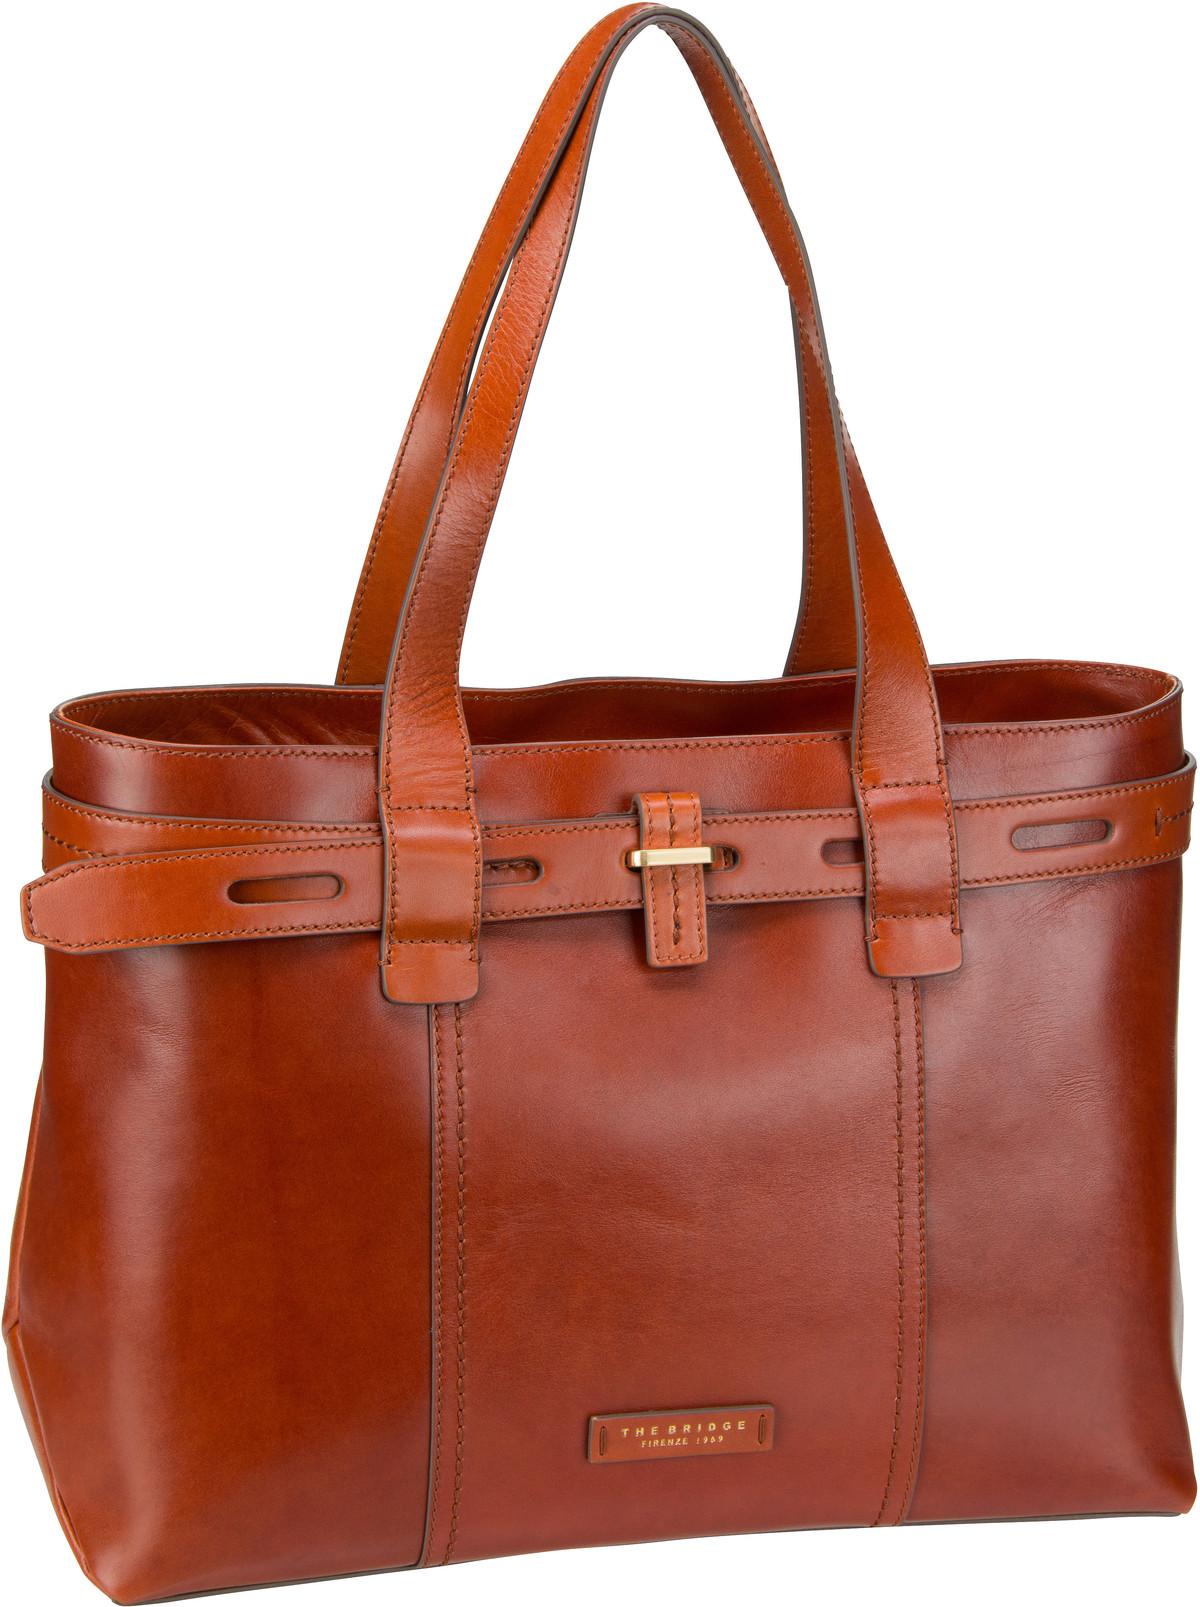 Handtasche Vigna Nuova Handtasche 5859 Cognac